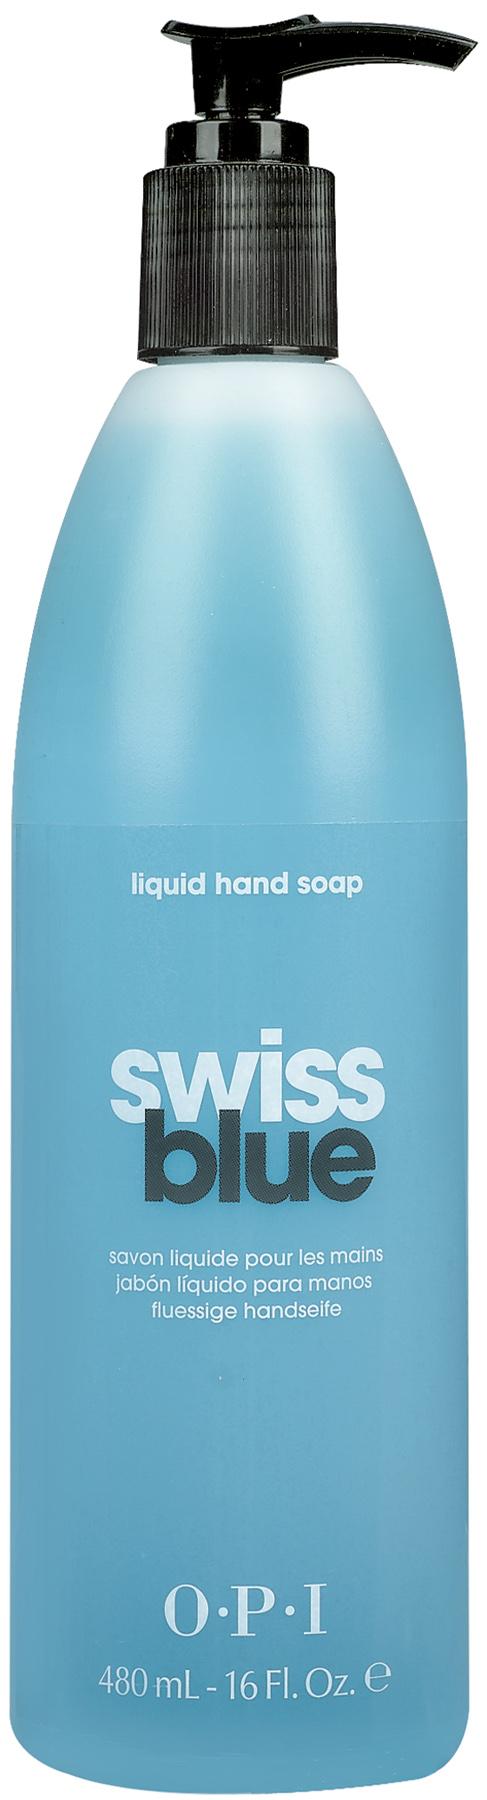 OPI Мыло для рук / Swiss Blue 480мл opi лосьон для рук и тела opi avoplex moisture replenishing lotion av711 30 мл